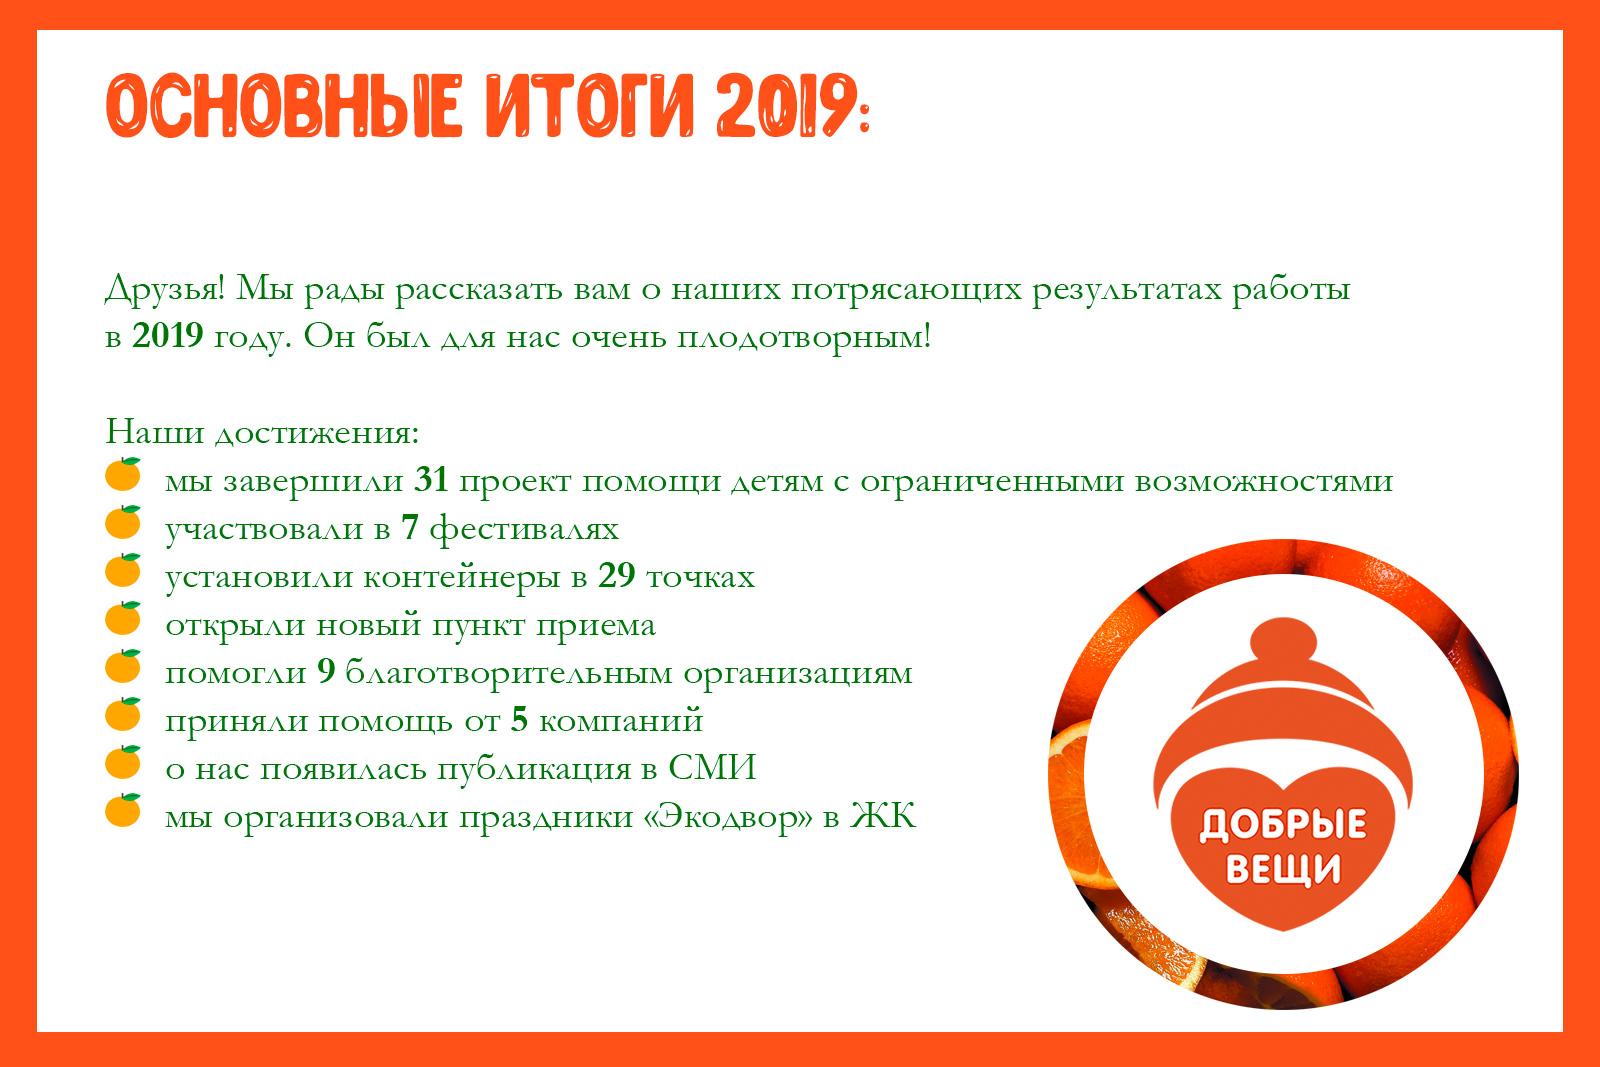 Годовой отчет о проделанной работе в 2019 году